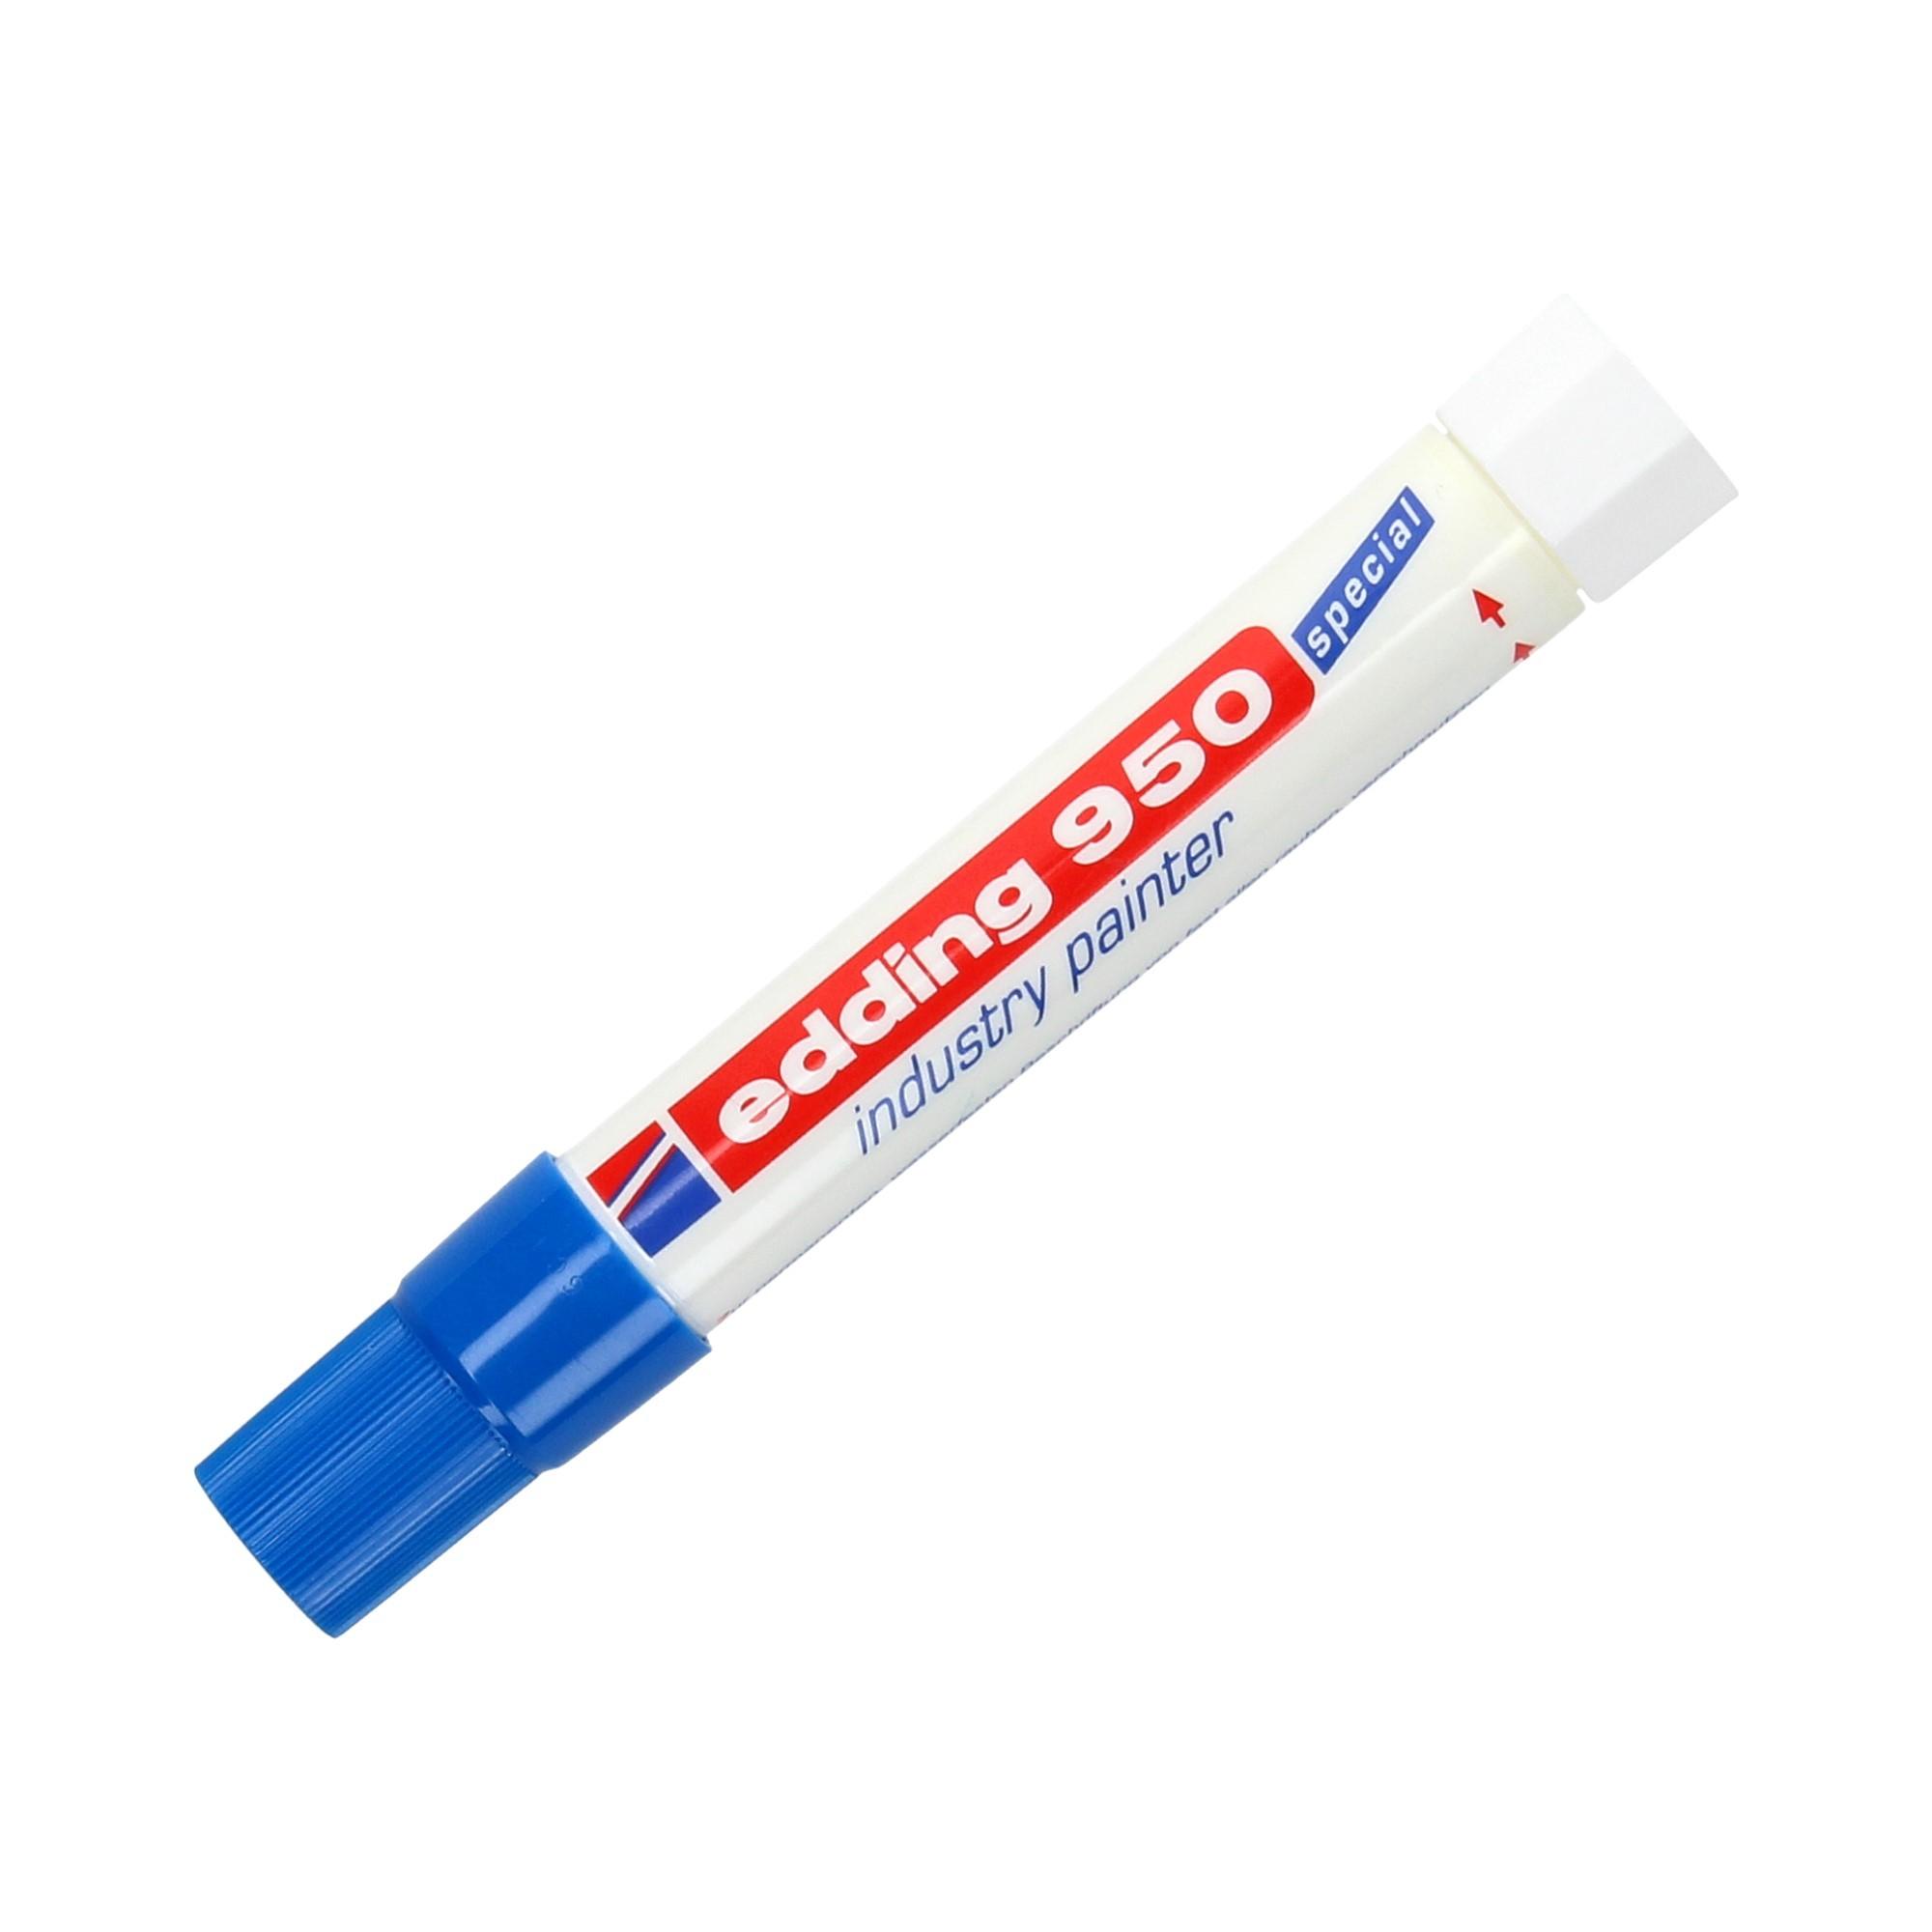 Marker przemysłowy 10.0mm niebieski okrągły Edding 950